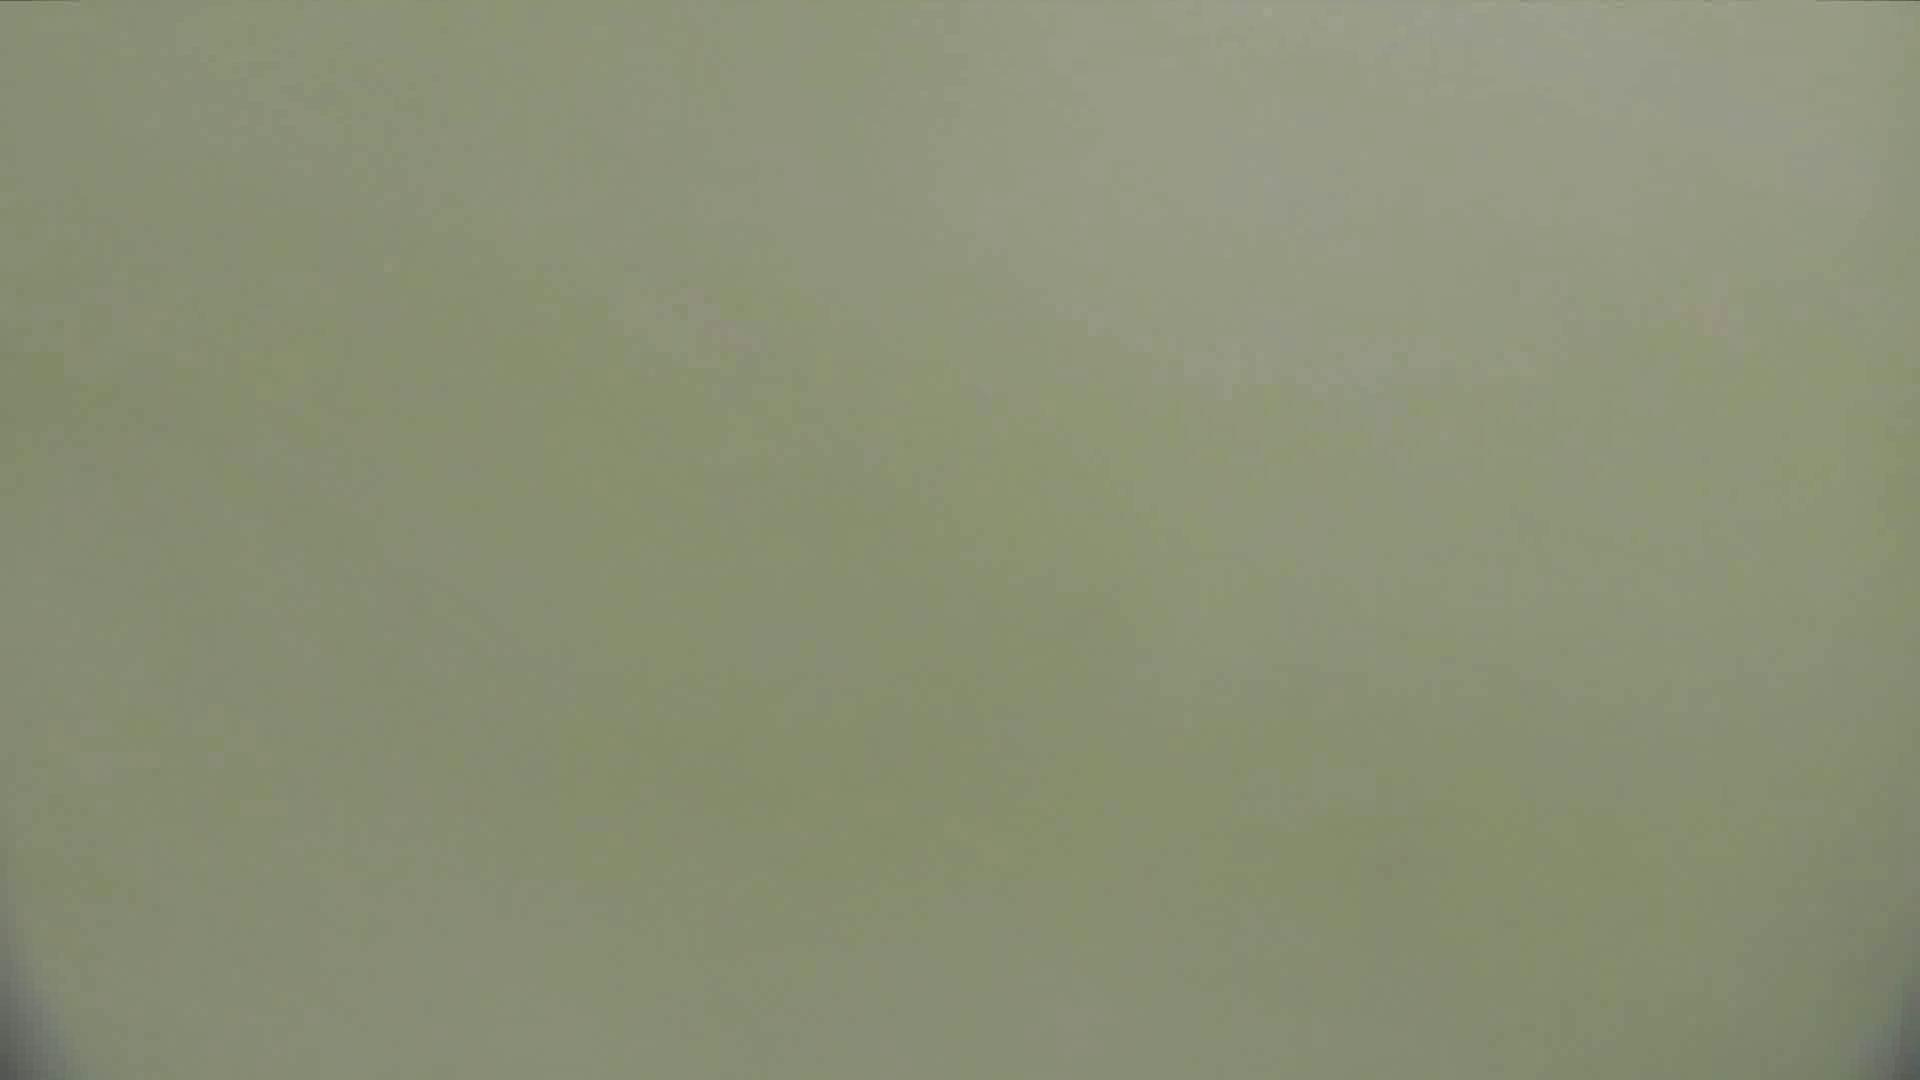 【美しき個室な世界】 vol.021 めがねっこ 高評価  82PIX 61